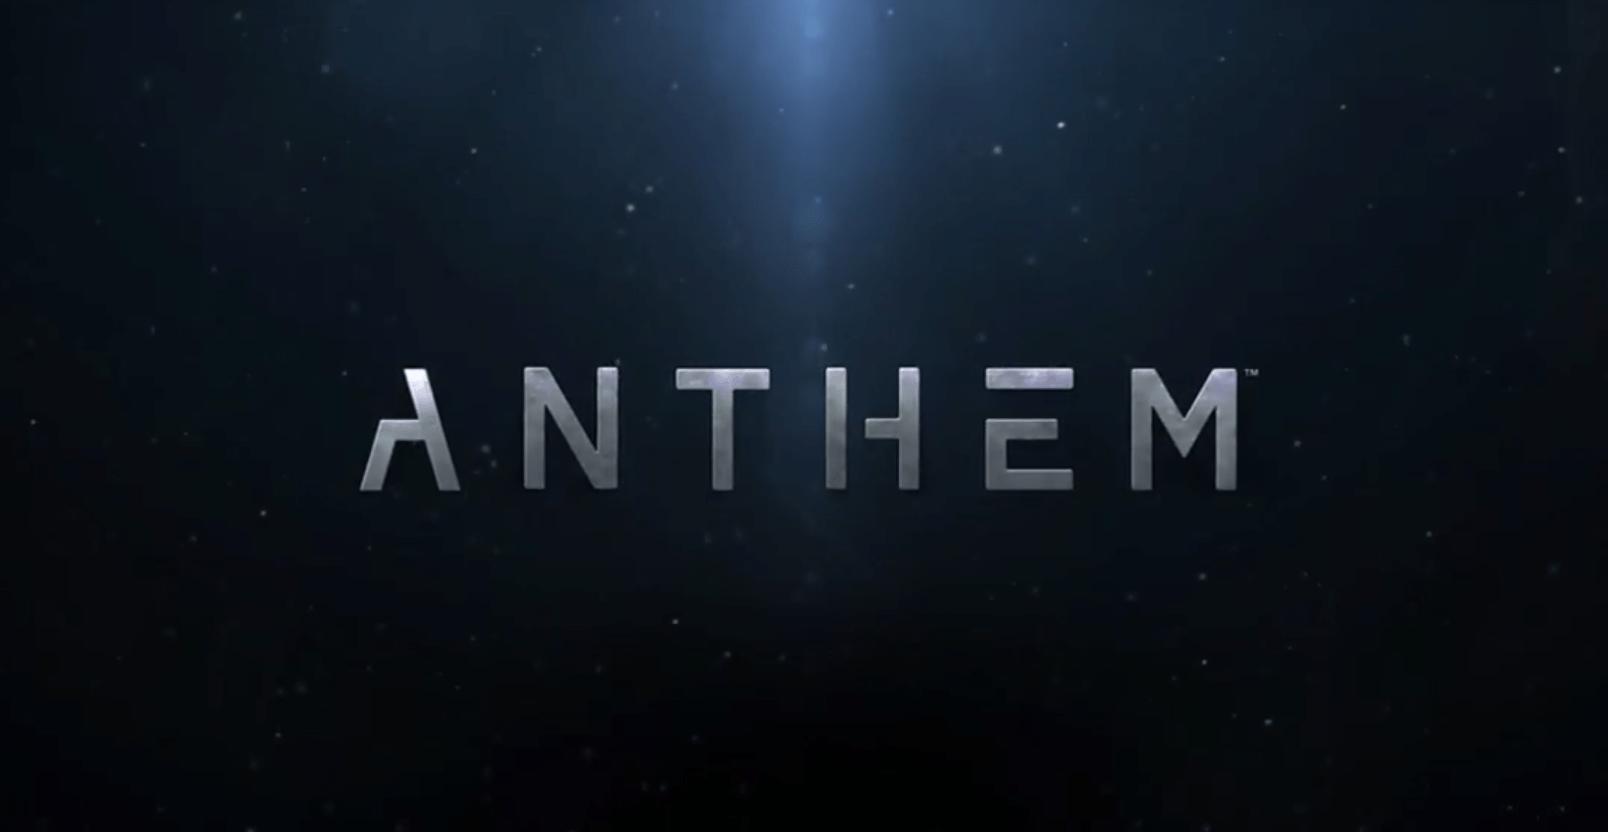 Anthem: EA und BioWare enthüllen neues Spiel mit Teaser-Trailer